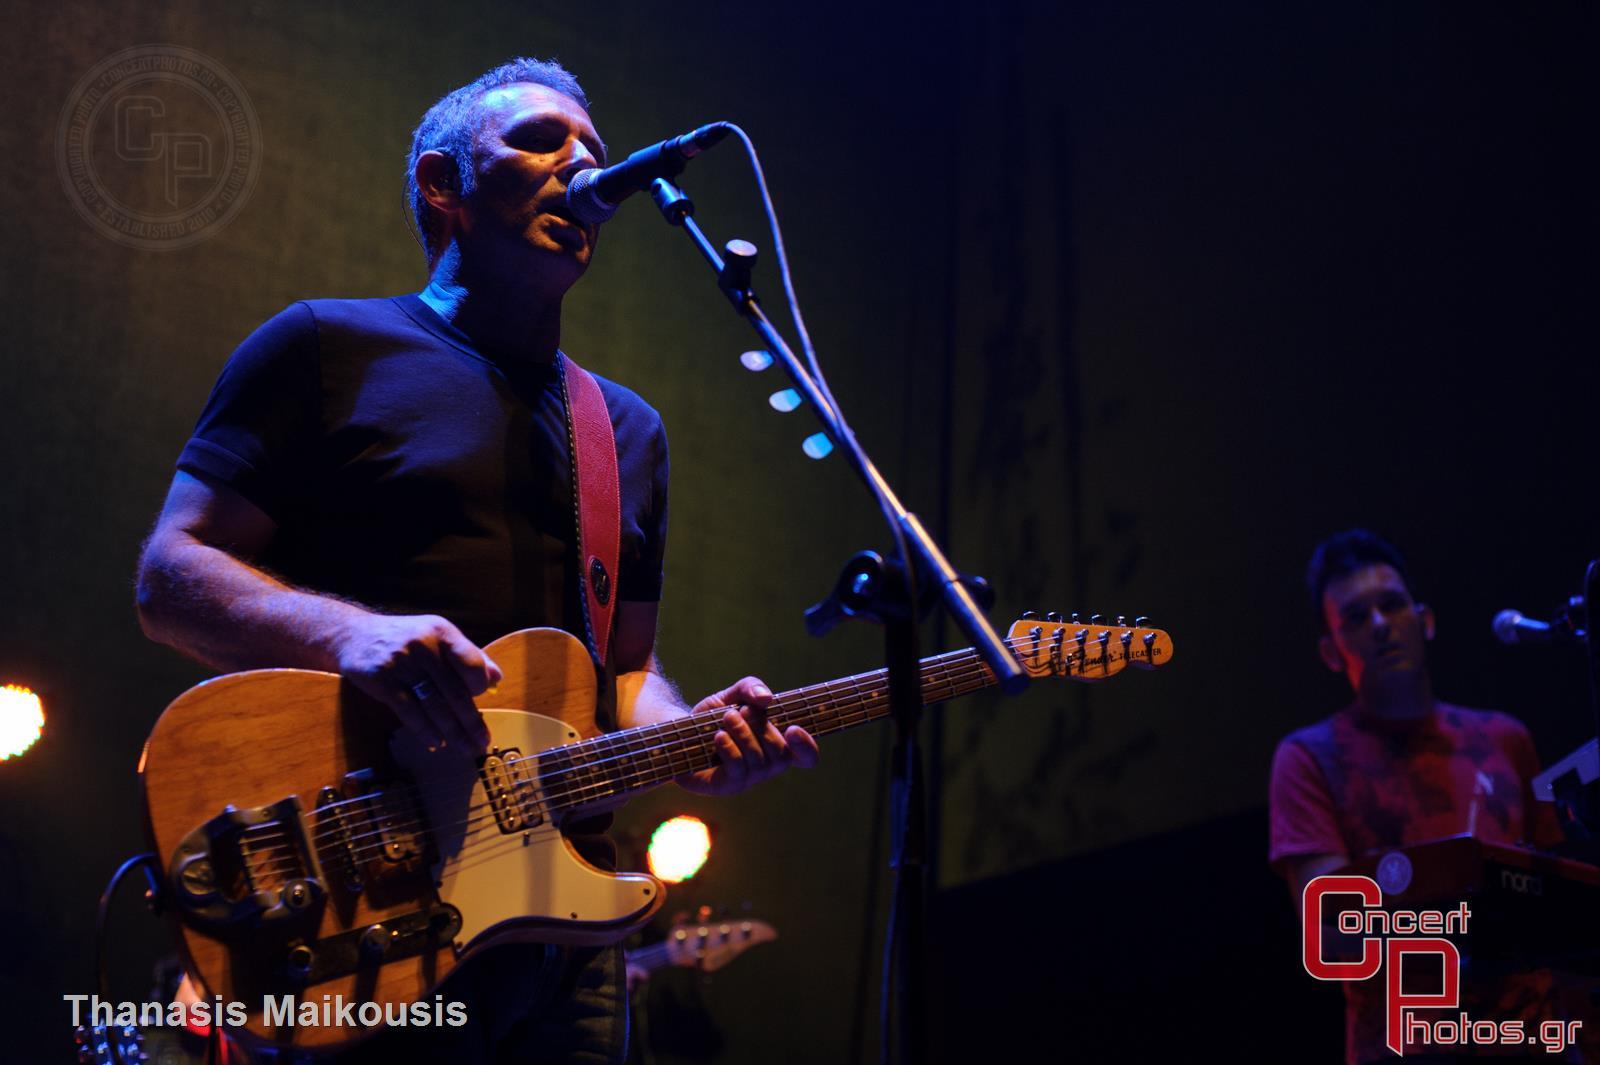 Παύλος Παυλίδης-Pavlidis-stage-volume1 photographer: Thanasis Maikousis - concertphotos_20140611_21_50_23